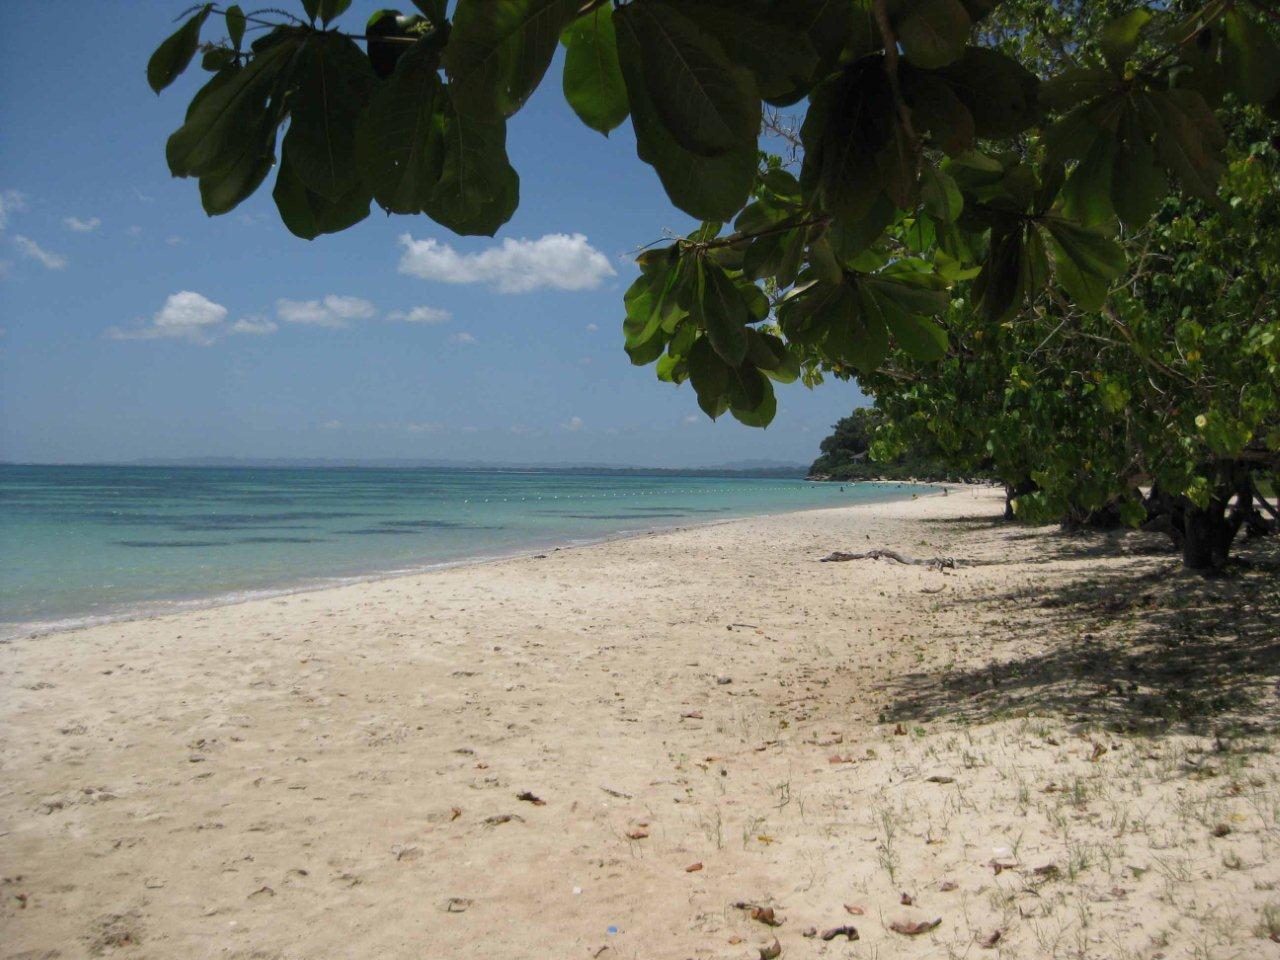 Jamaica - Negril, kilometerlanger weißer Sandstrand